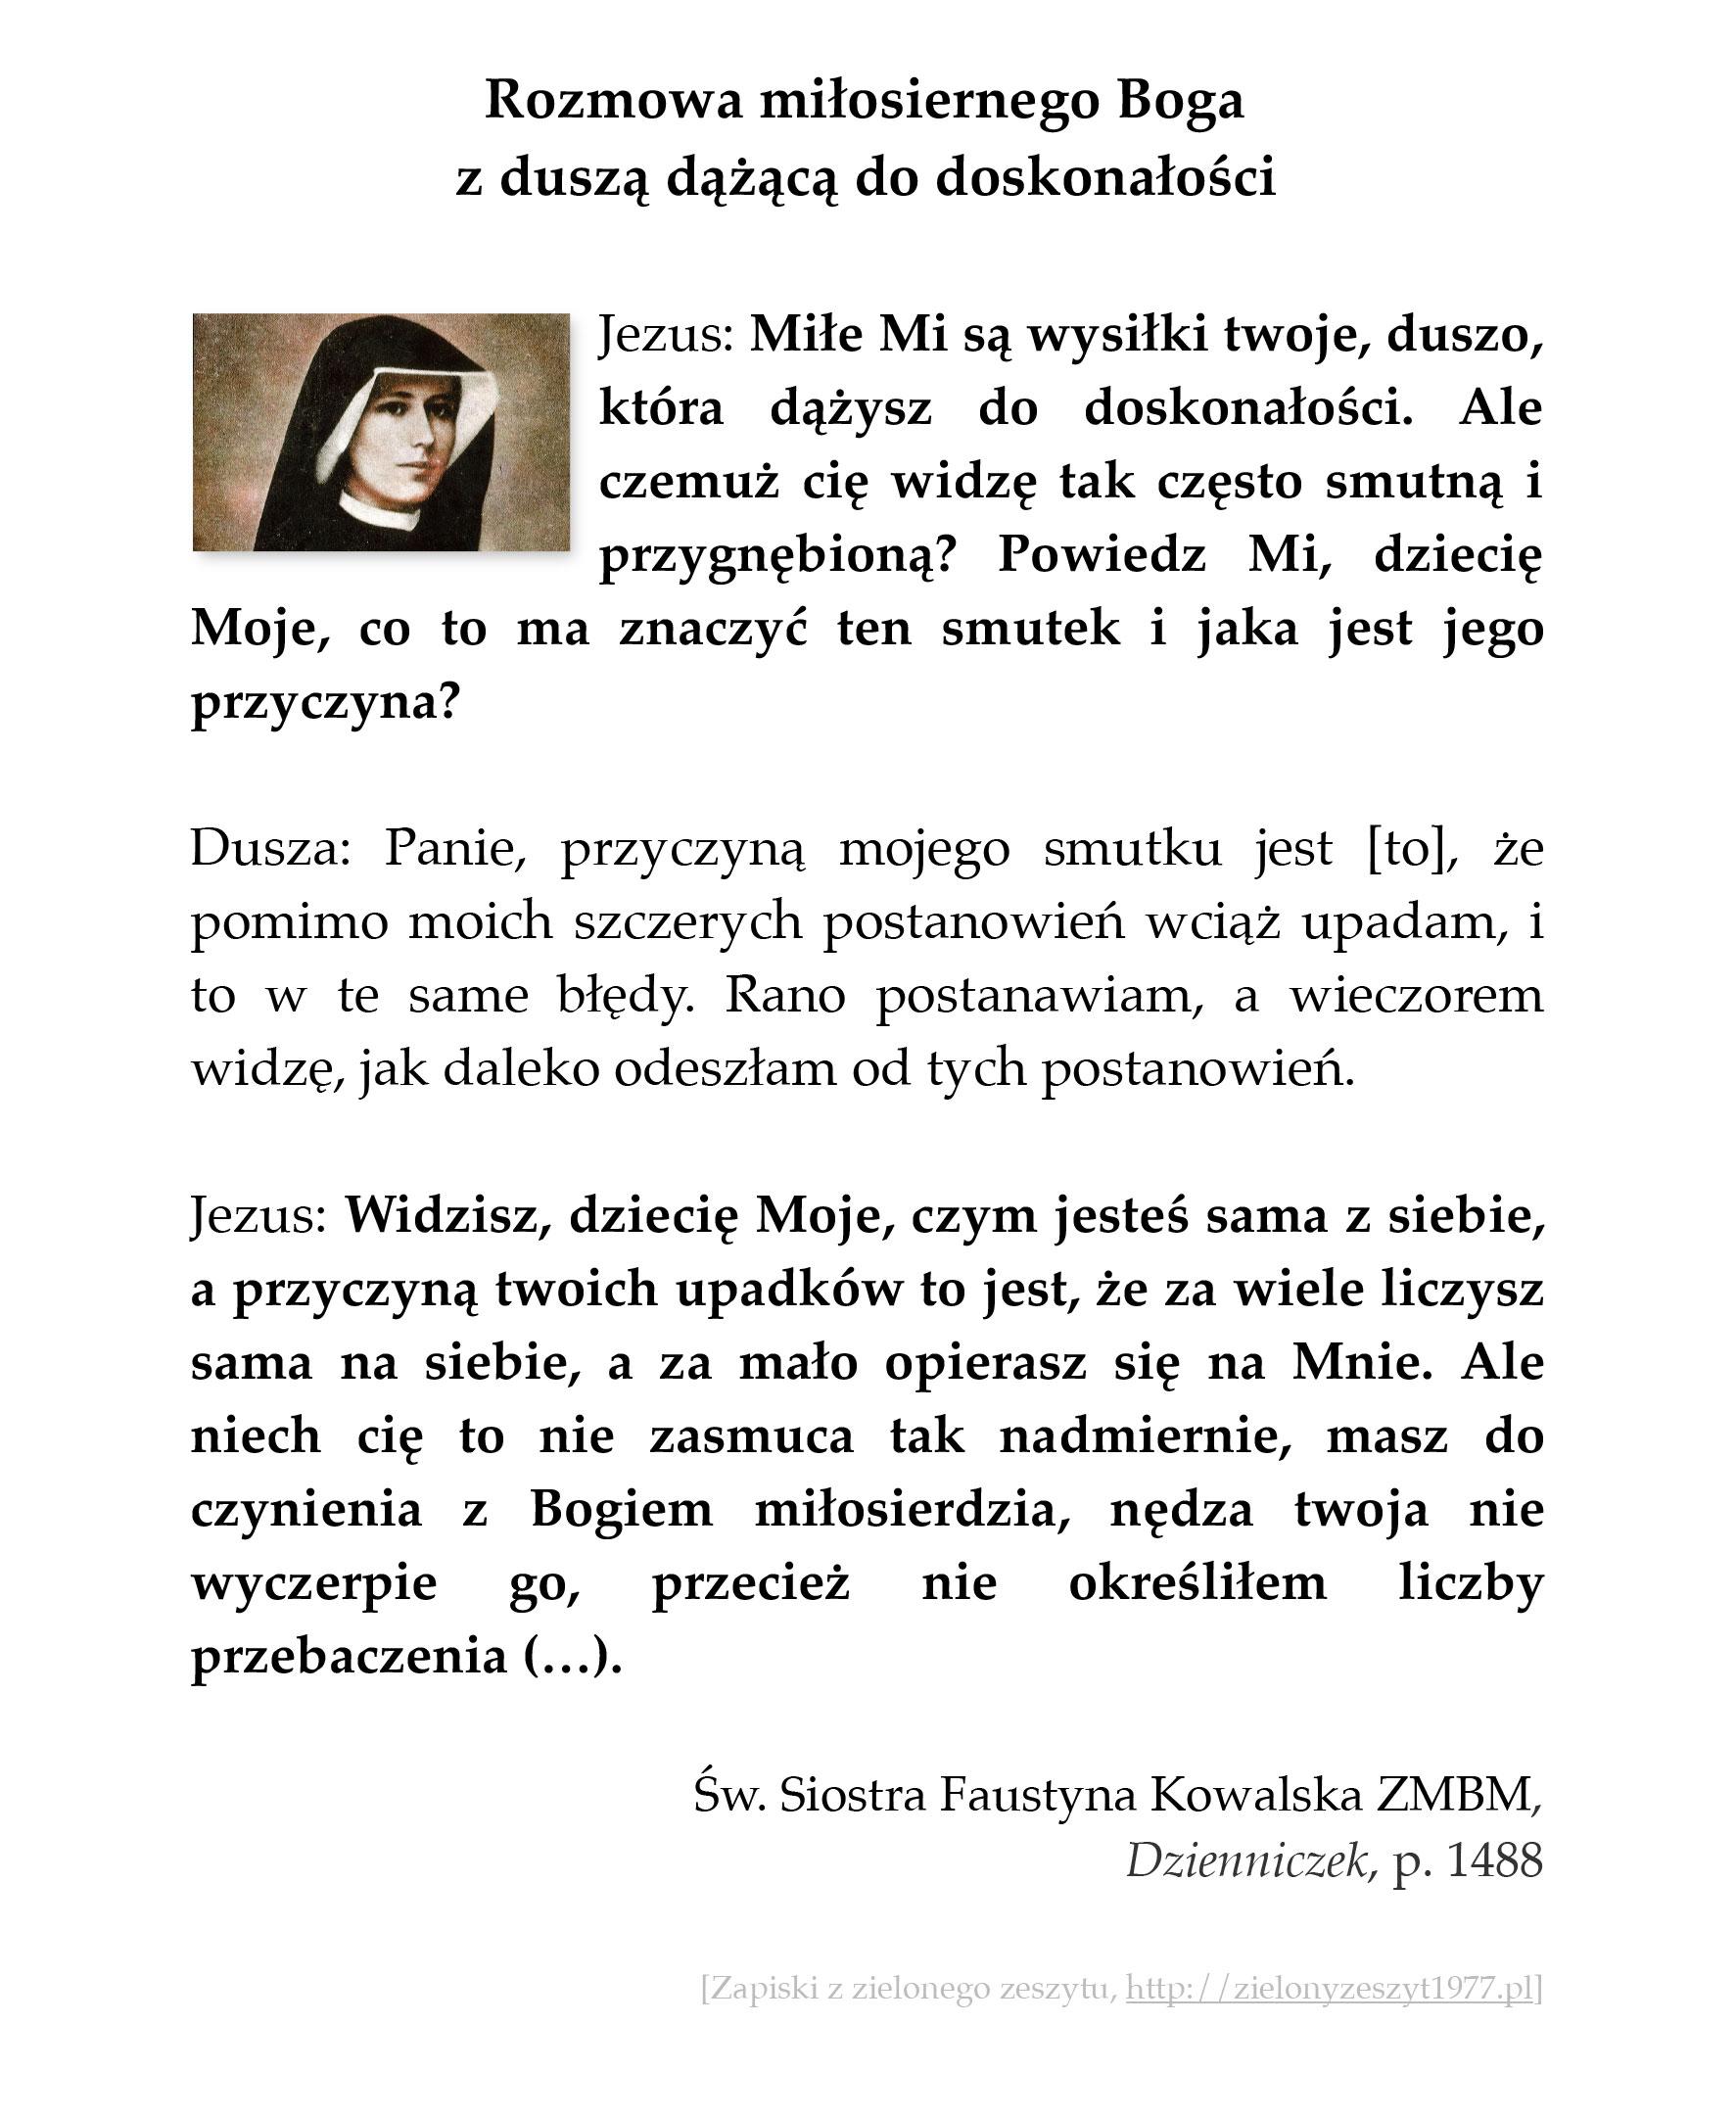 Rozmowa miłosiernego Boga z duszą dążącą do doskonałości; św. Faustyna Kowalska